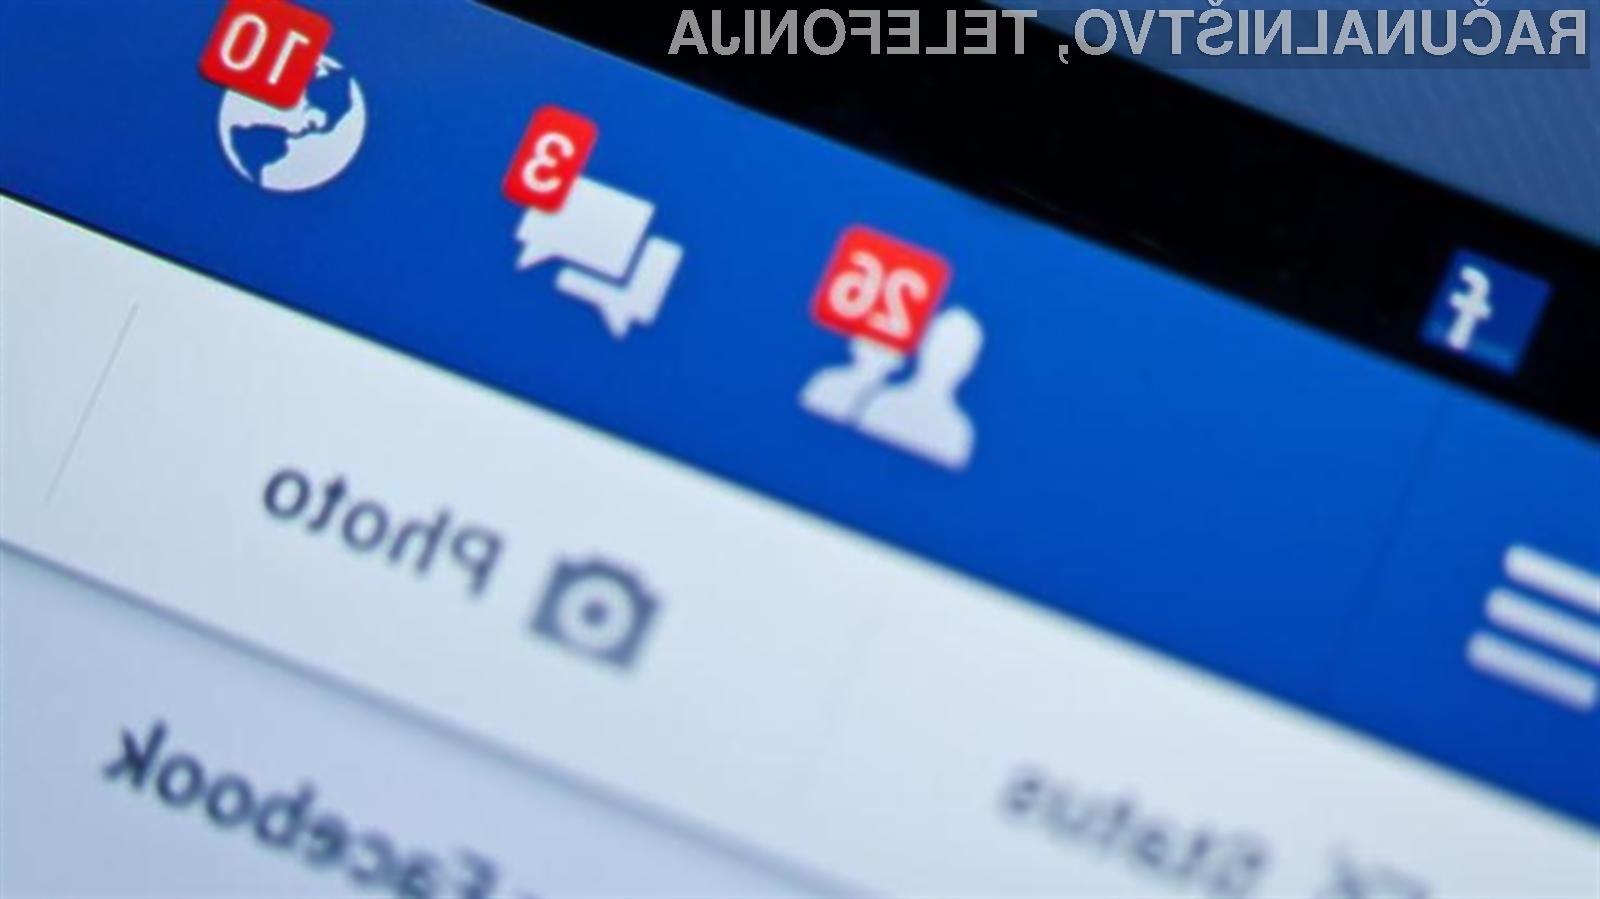 Facebook naj bi z novimi pravili učinkovito ukrepal proti sovražnemu govoru, terorizmu, pornografiji in samopoškodbam.